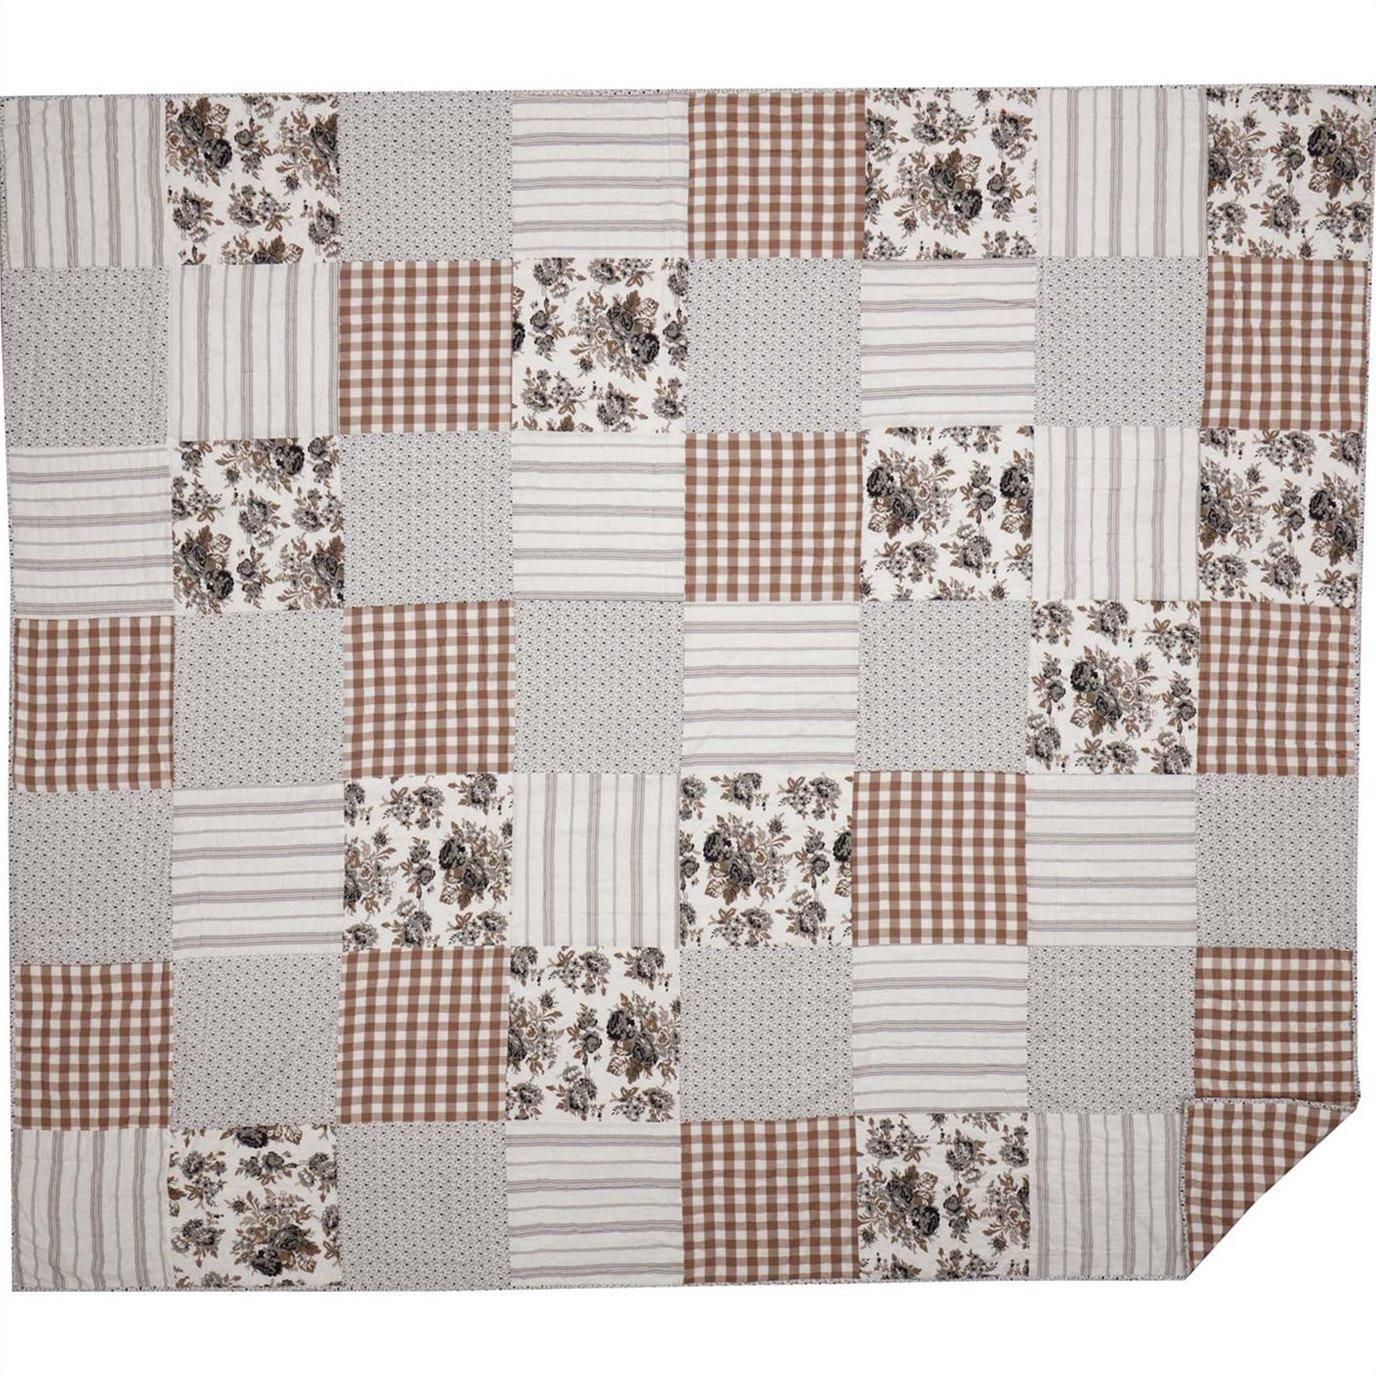 Annie Portabella Floral Patch Luxury King Quilt 120Wx105L